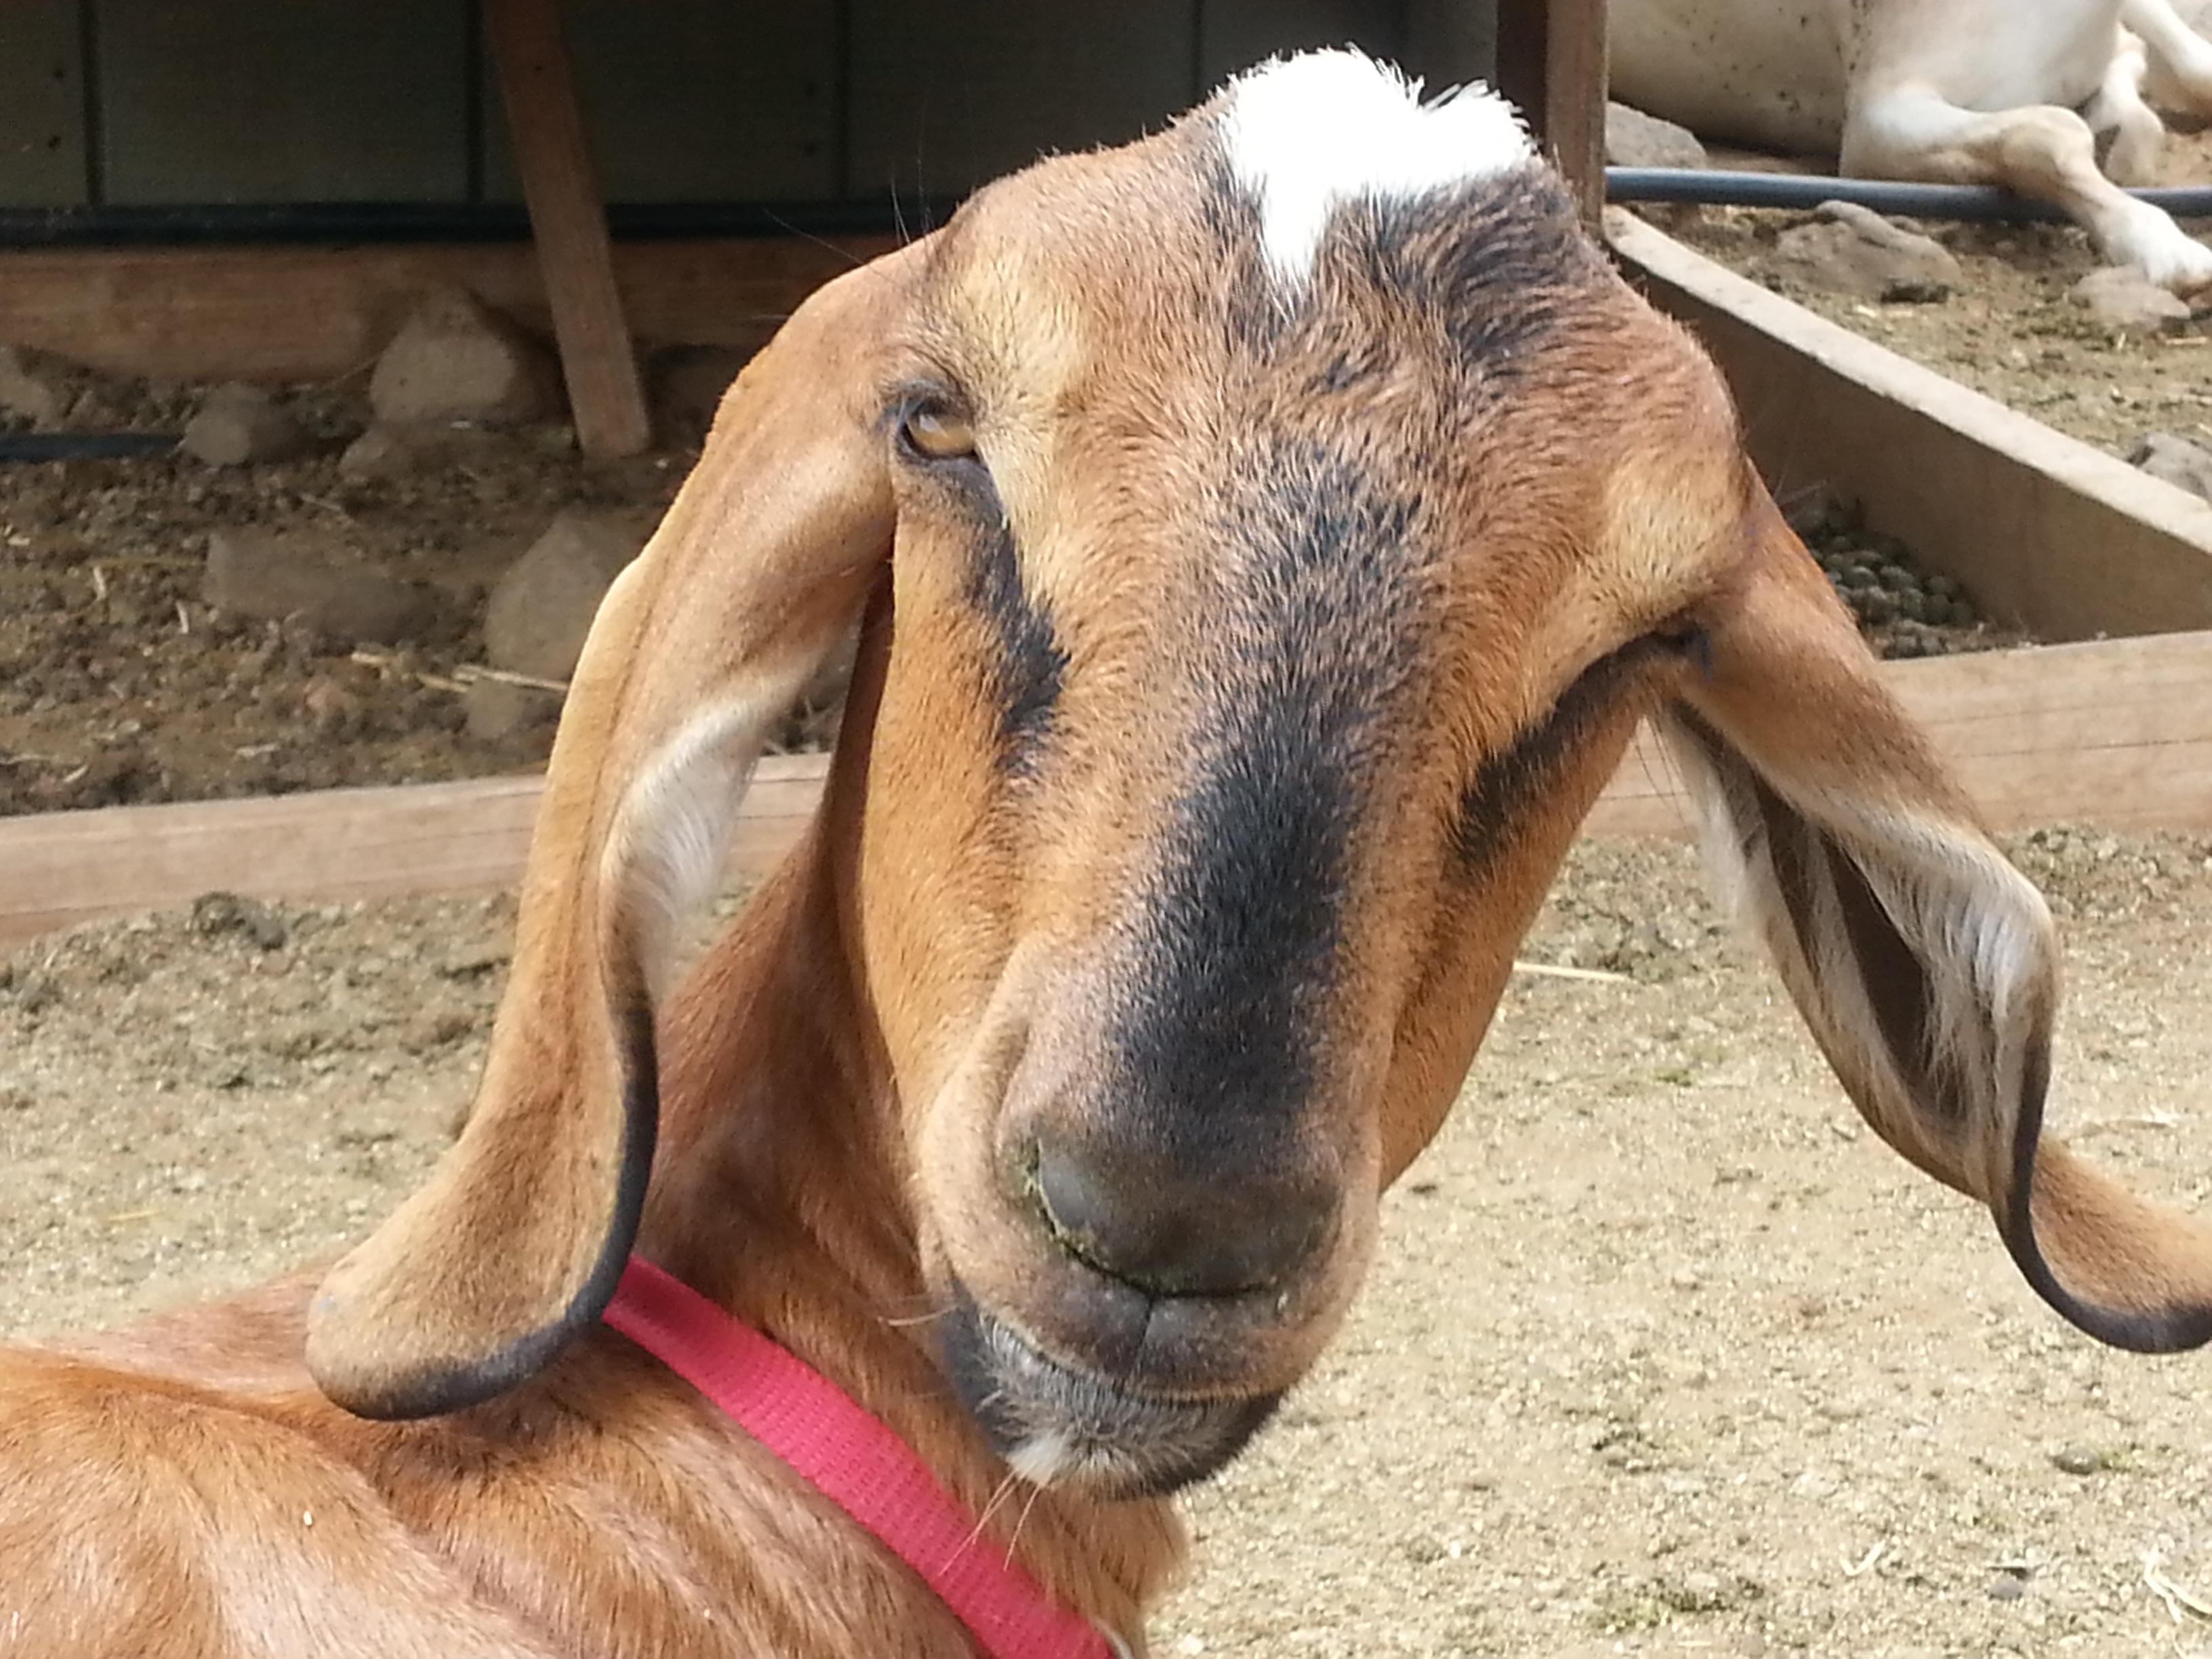 goat-long-ears-surpris...ears-farm-987243.jpg